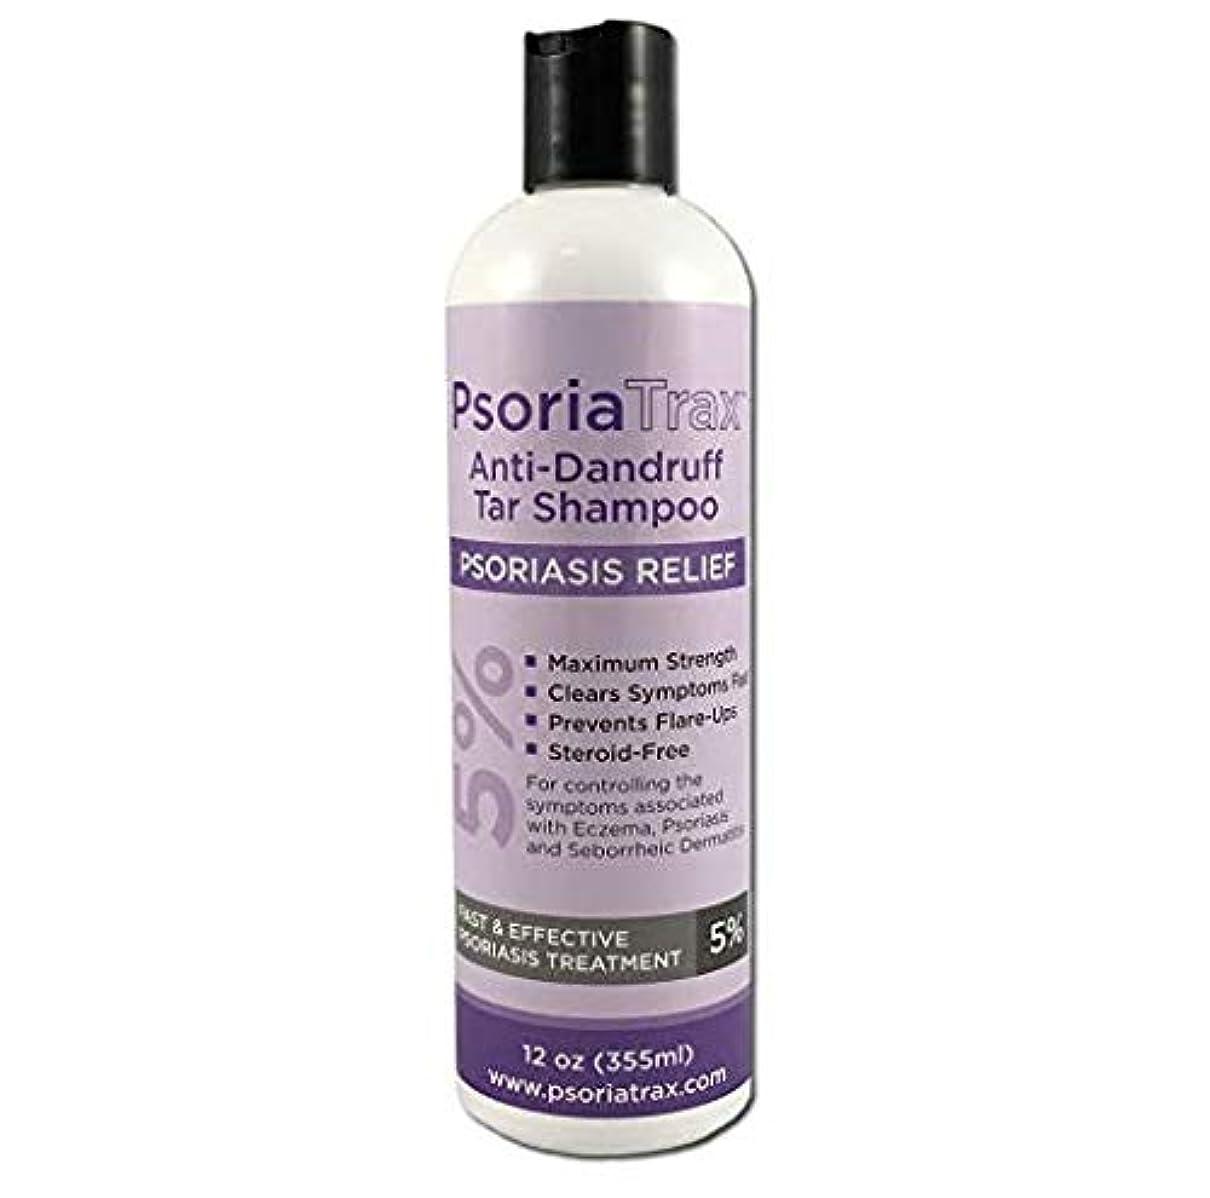 豚肉僕のつまらない5%コールタール含有 かん癬用シャンプー Coal Tar Psoriasis Shampoo Psoriatrax 25% Coal Tar Solution 12oz Bottles- Psoriasis - Equivalent...